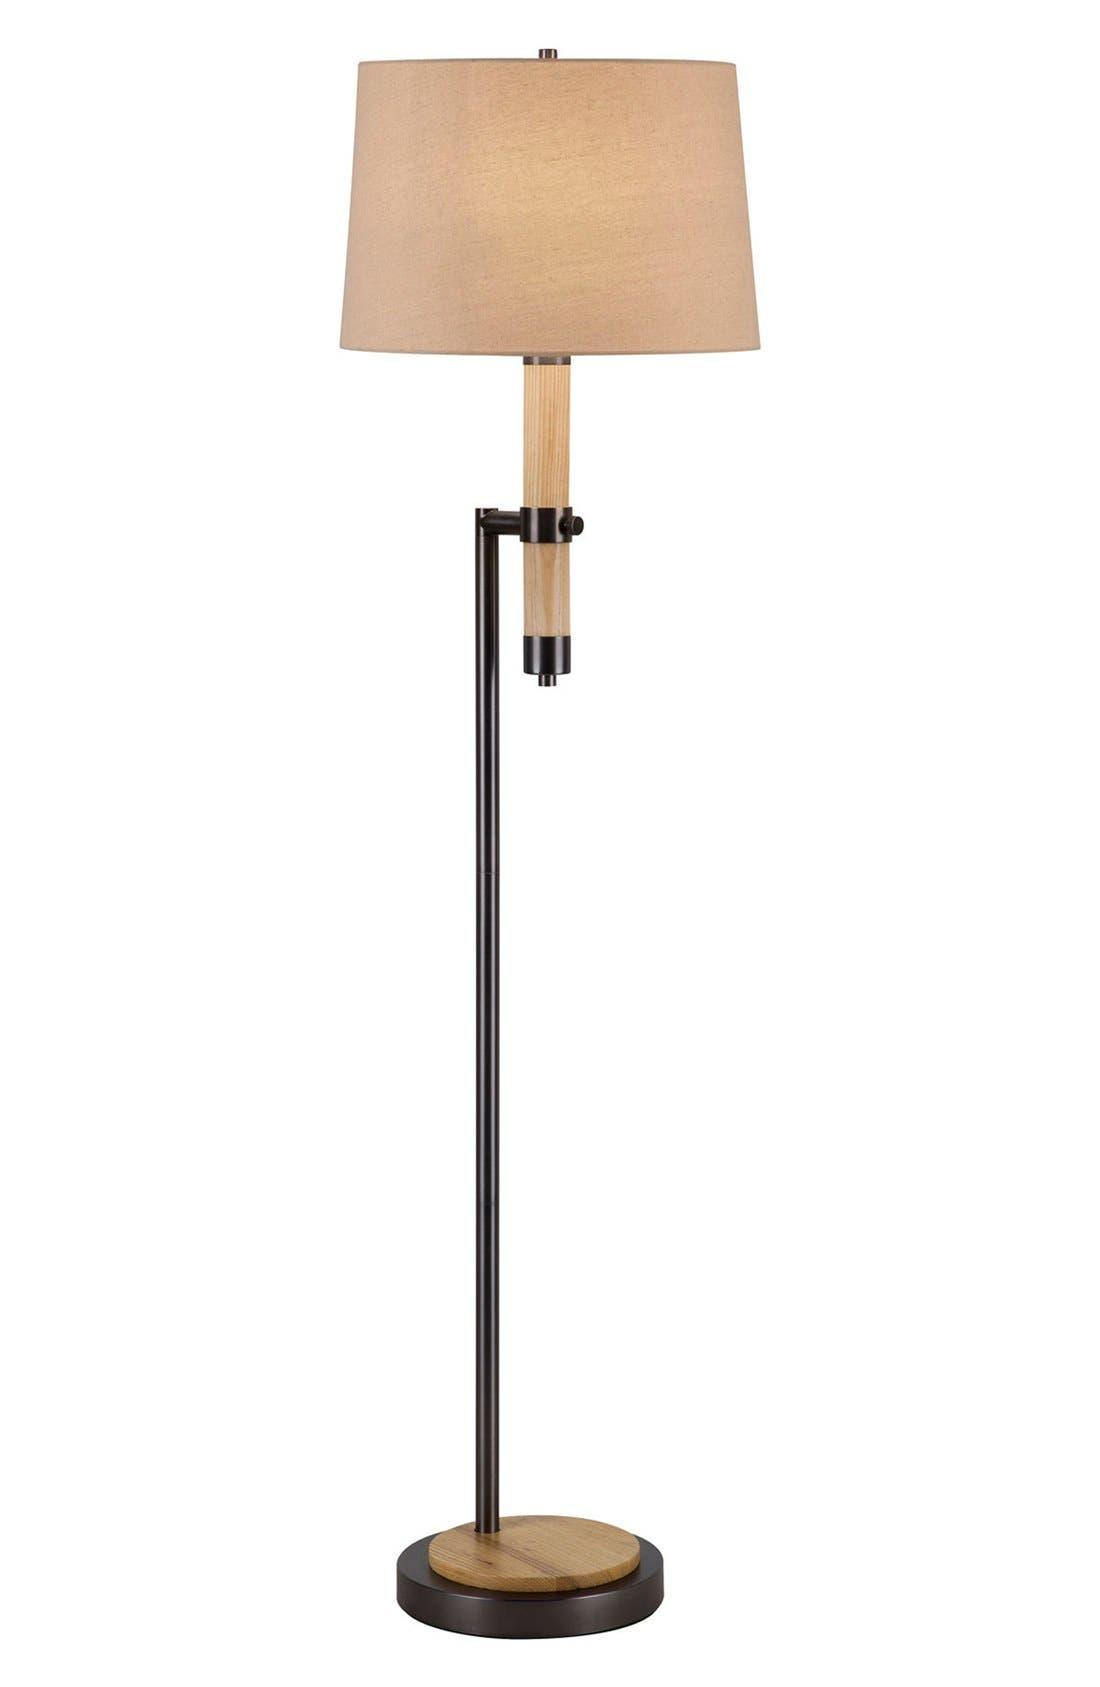 JAlexander Wood & Metal Floor Lamp